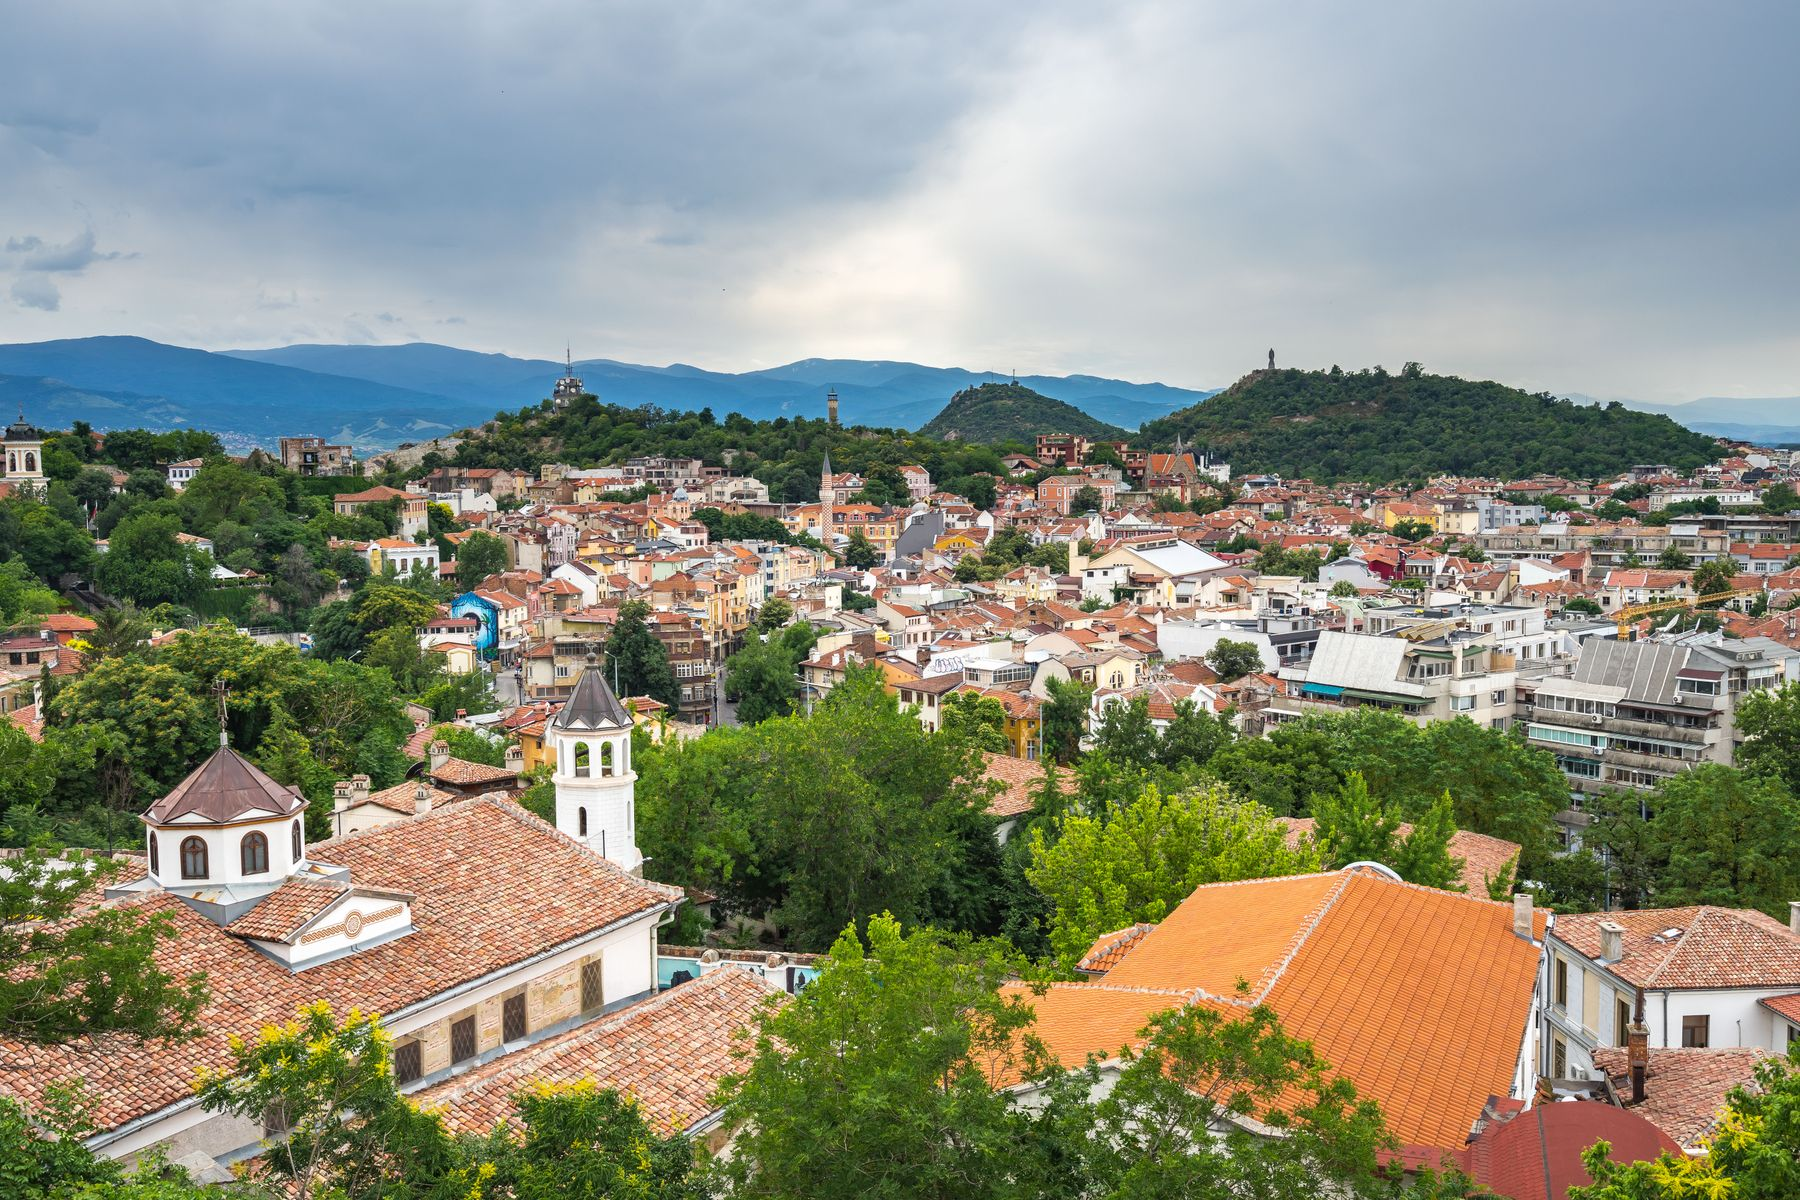 Plovdiv, na Bulgária, é uma das cidades mais antigas da Europa.